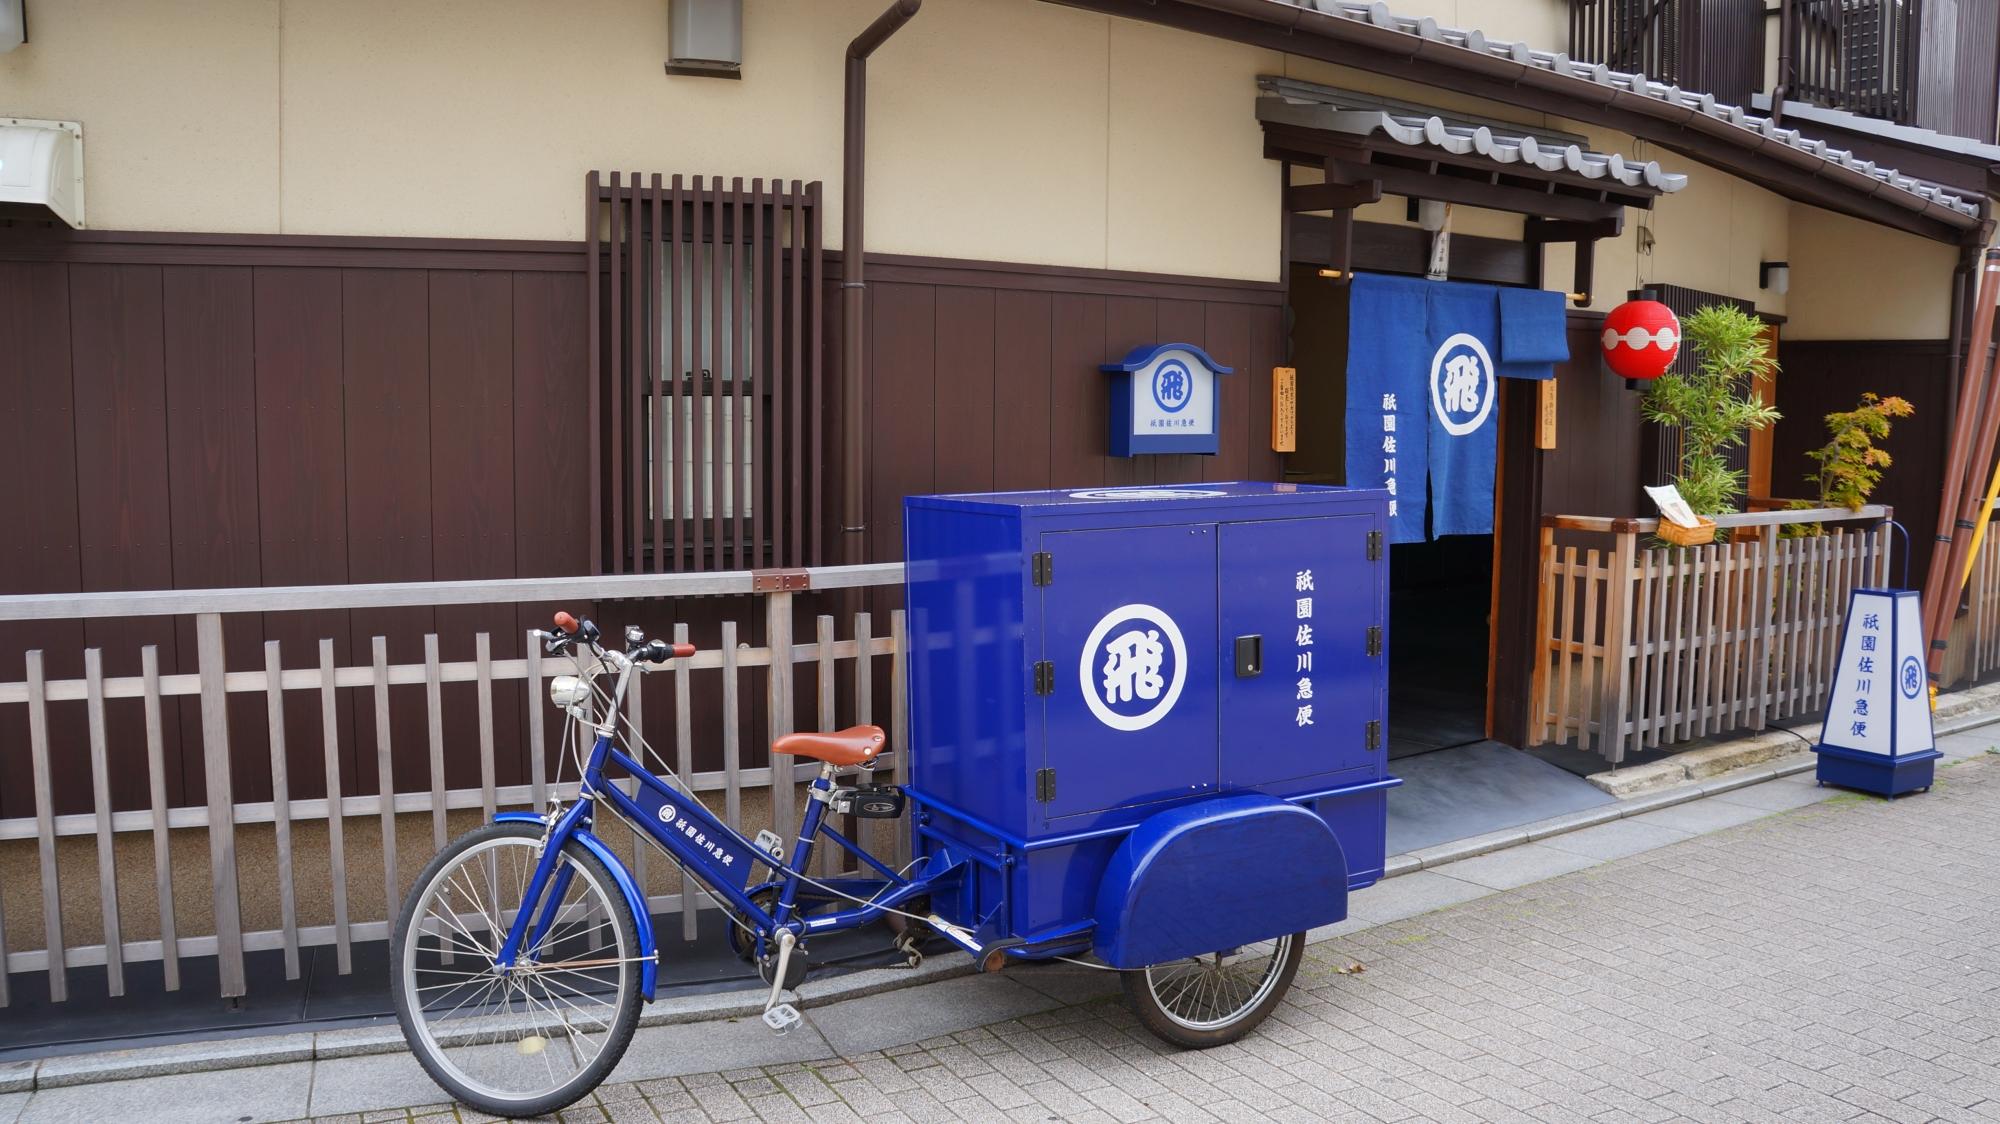 京都風 祇園佐川急便